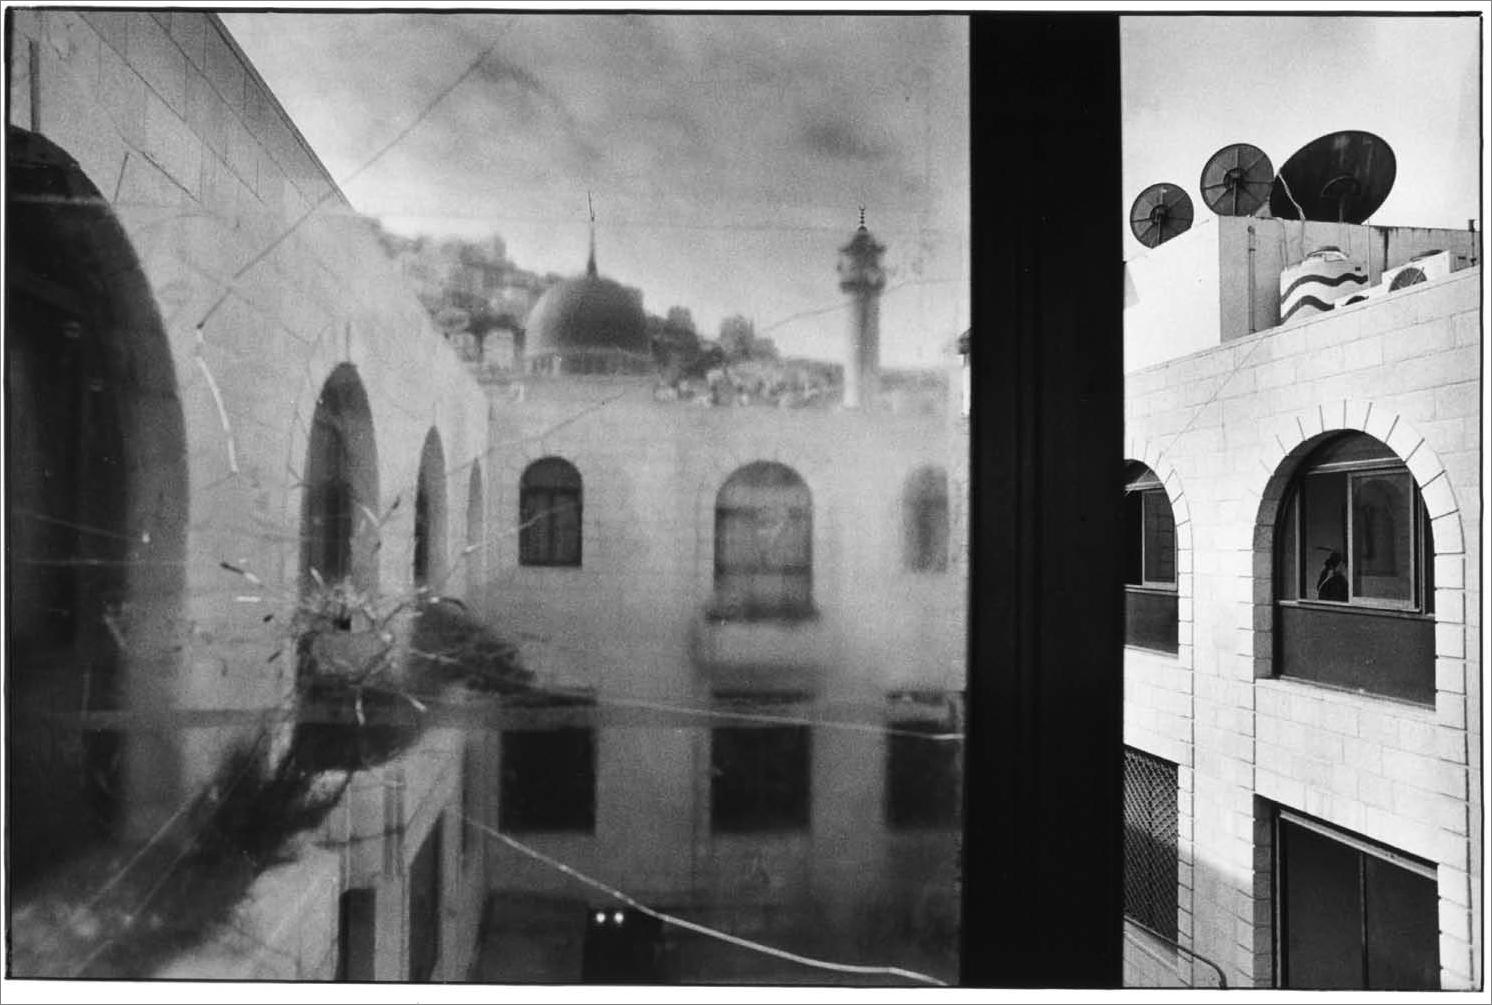 Vue sur la vieille ville de Naplouse, Palestine, photo argentique, Devals